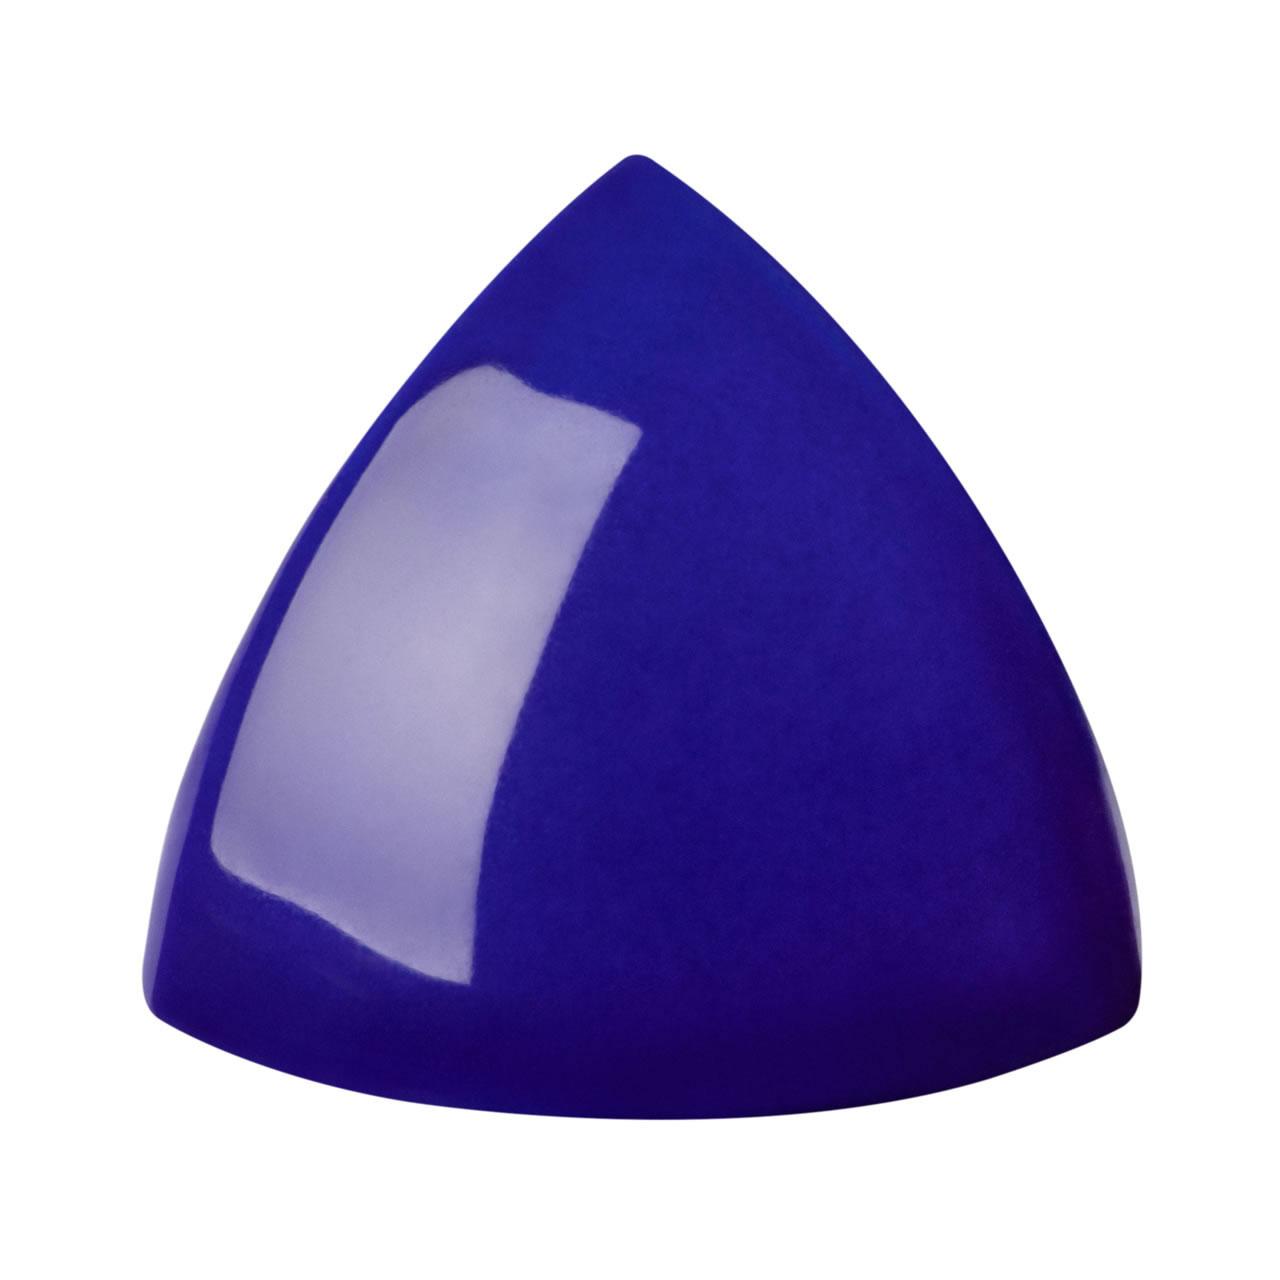 castanha externa azul naval